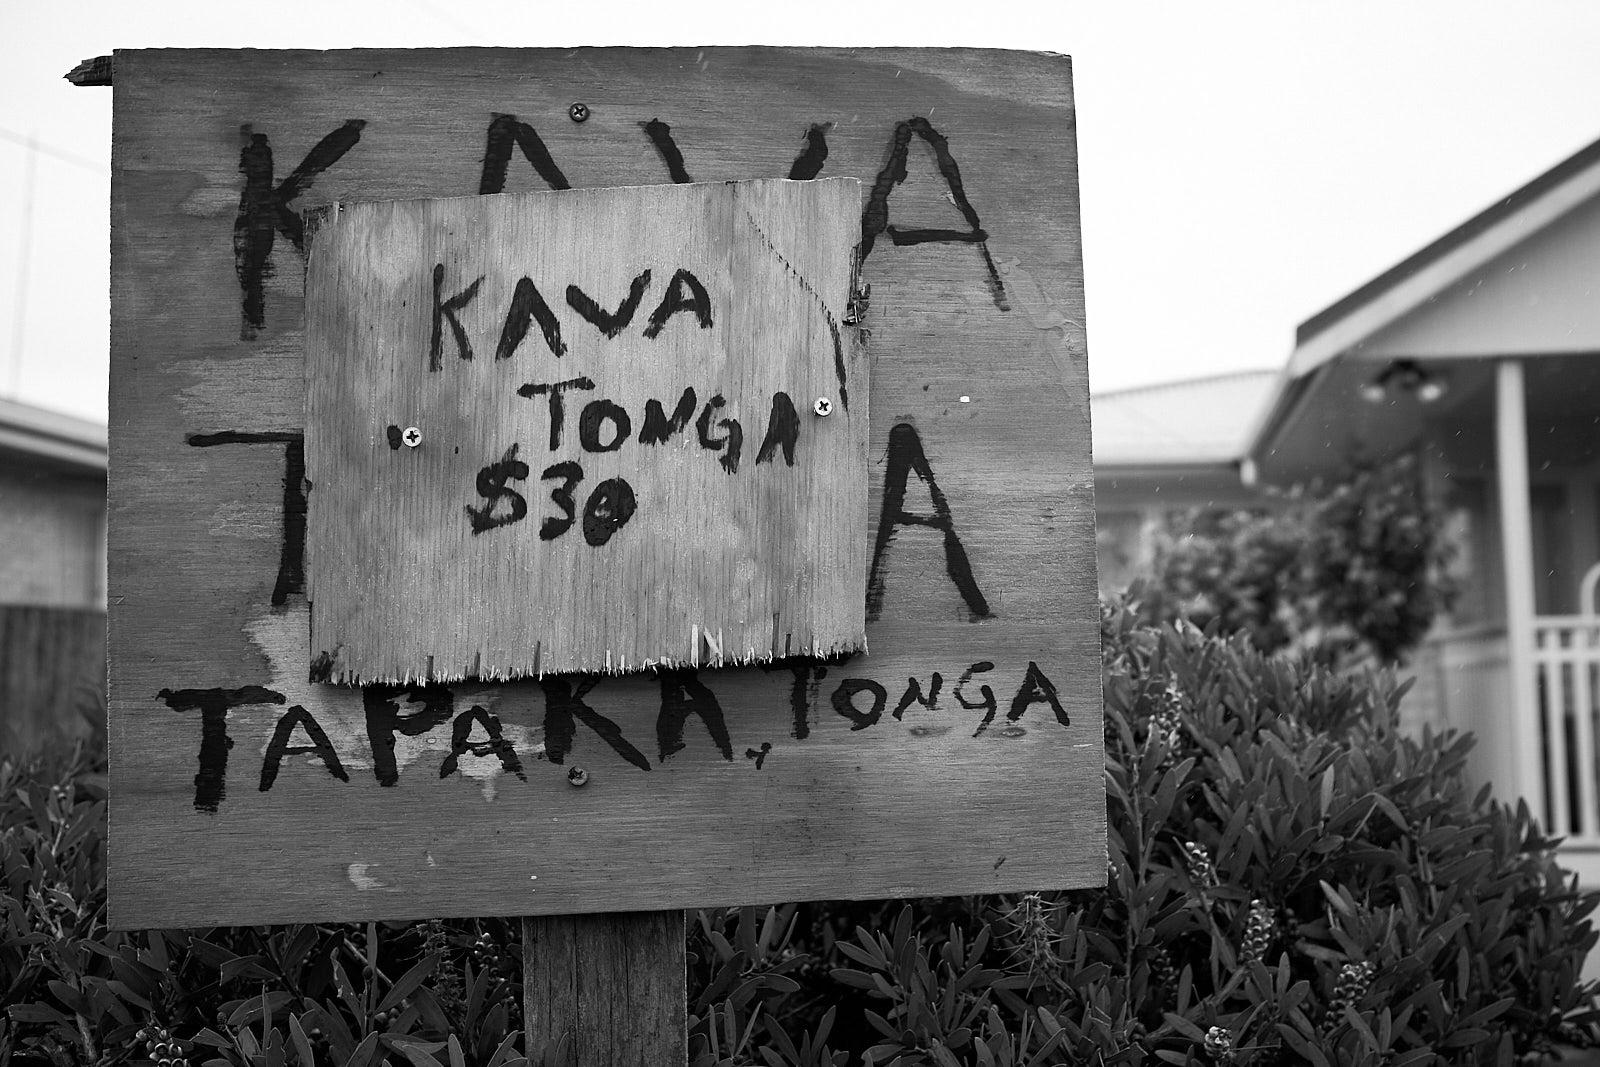 Papan bertuliskan Kava Tonga $30